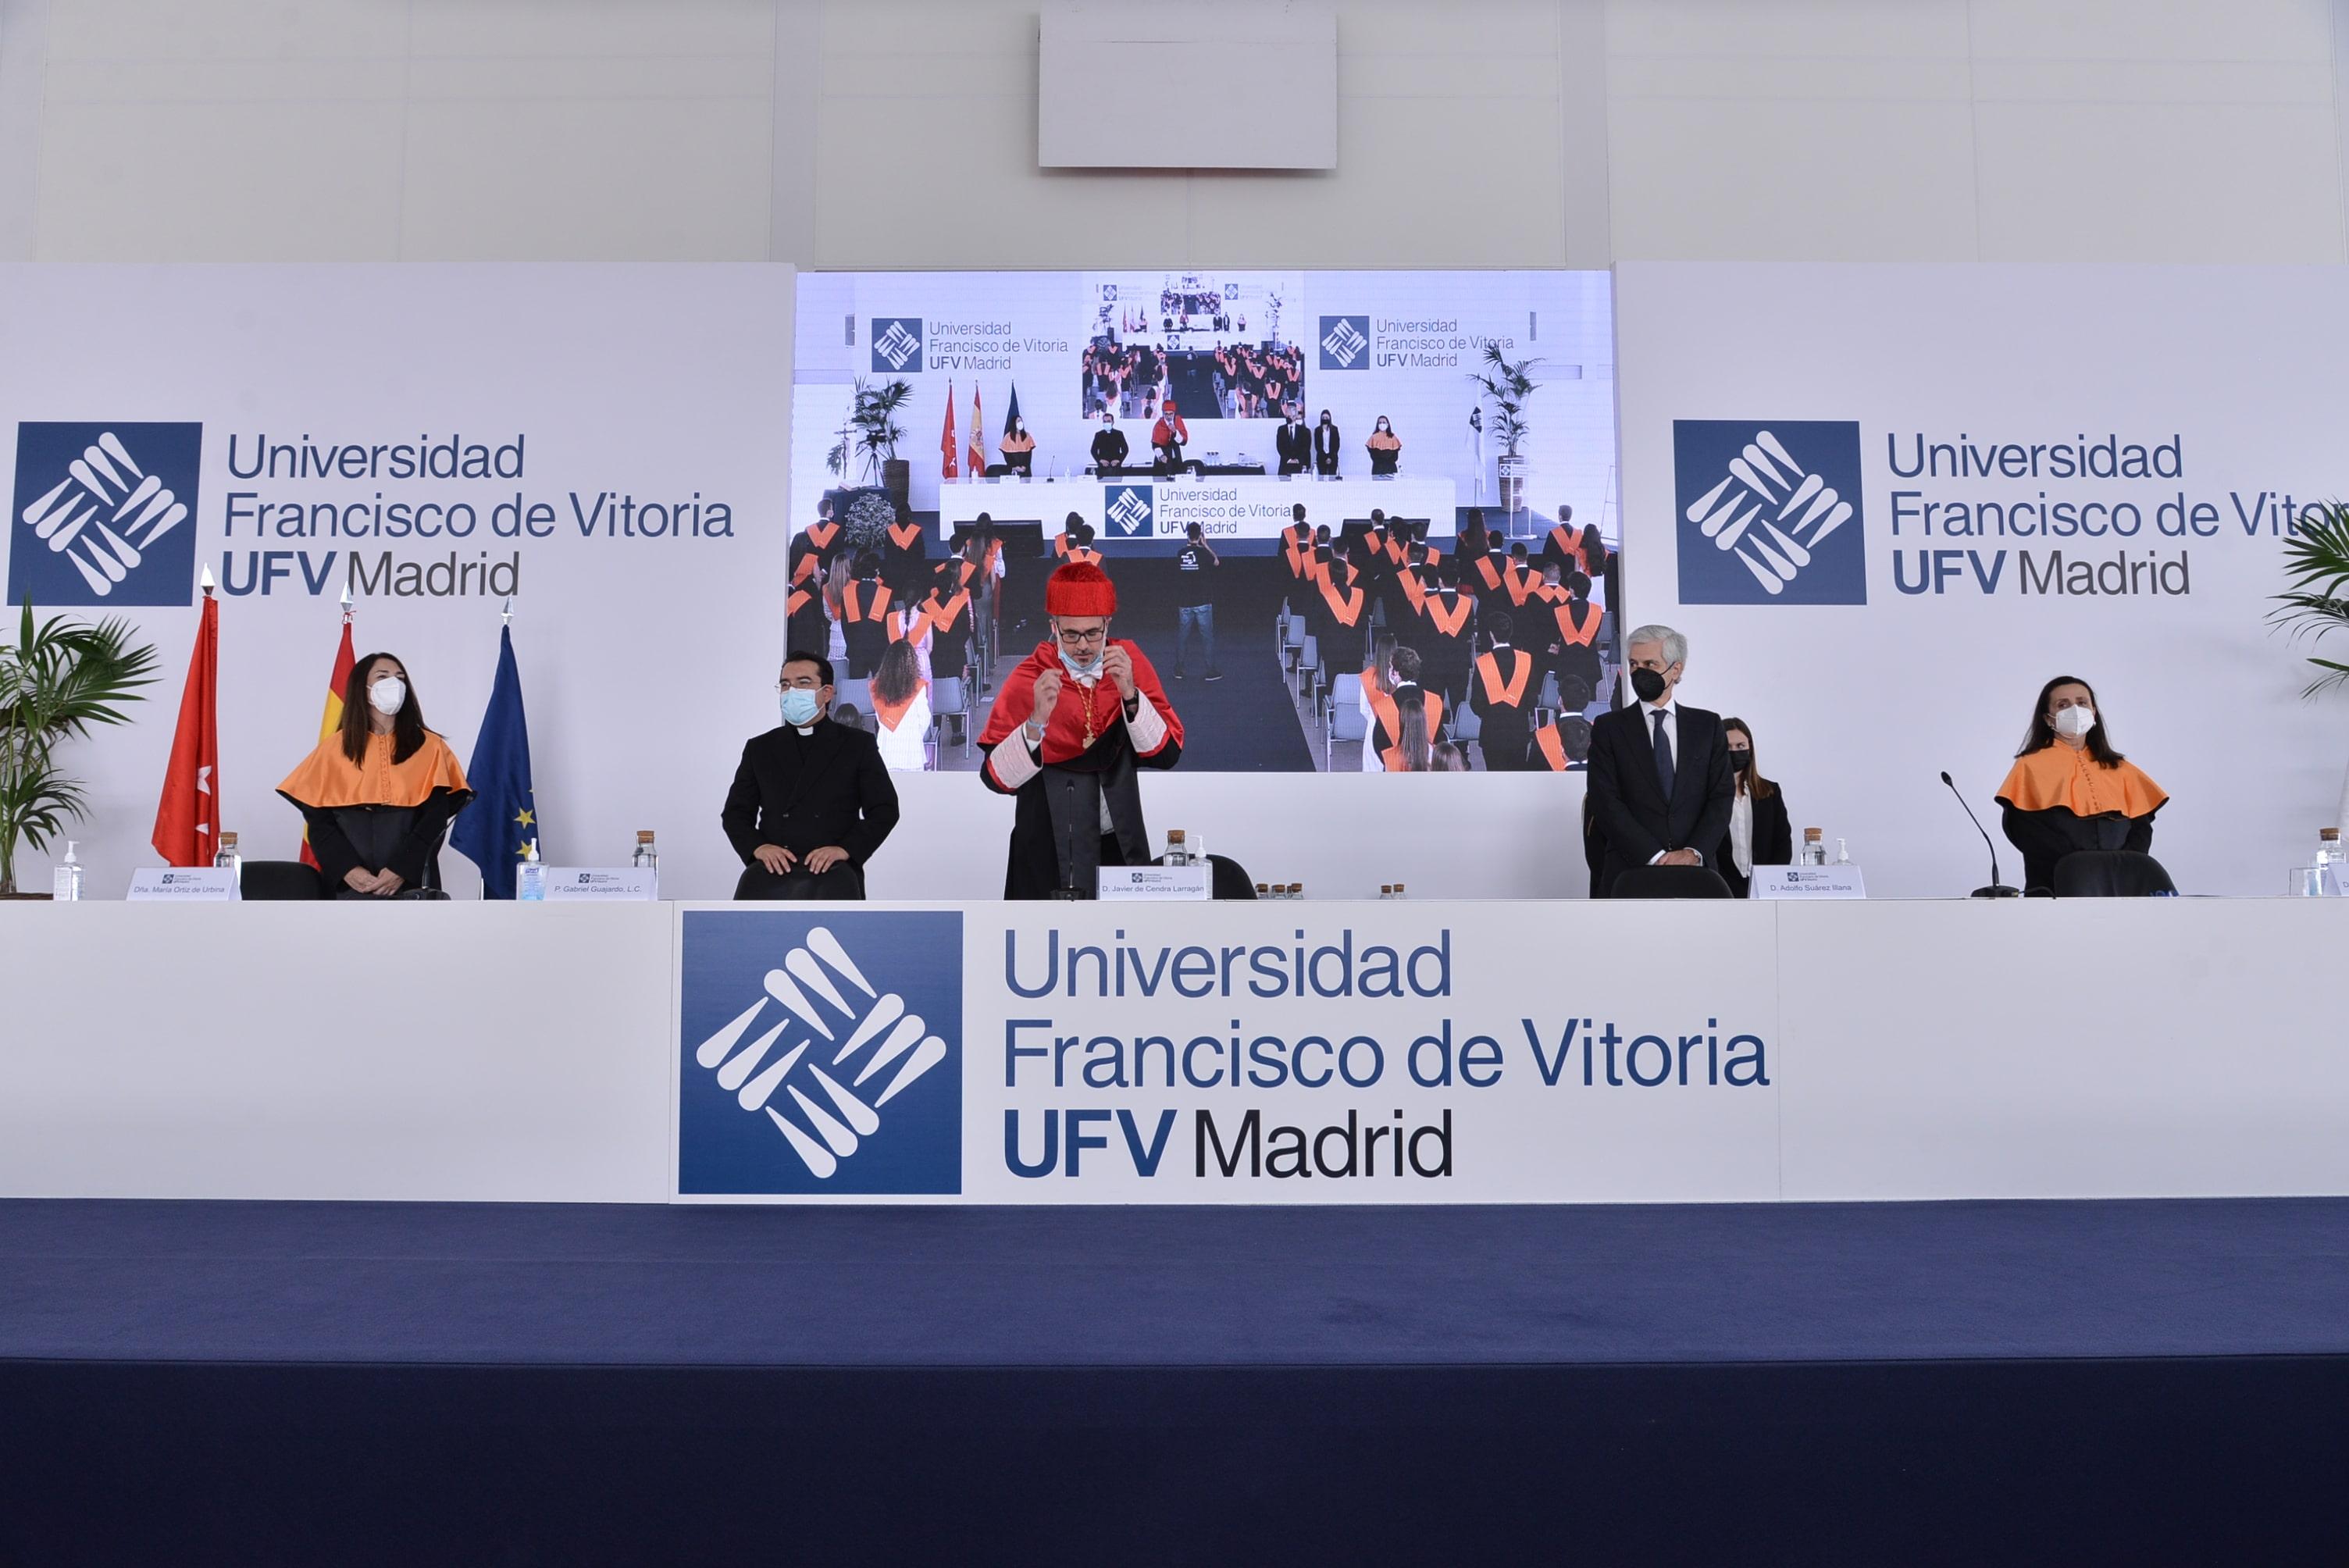 210704UFV2 970 min Actos académicos Estudiar en Universidad Privada Madrid